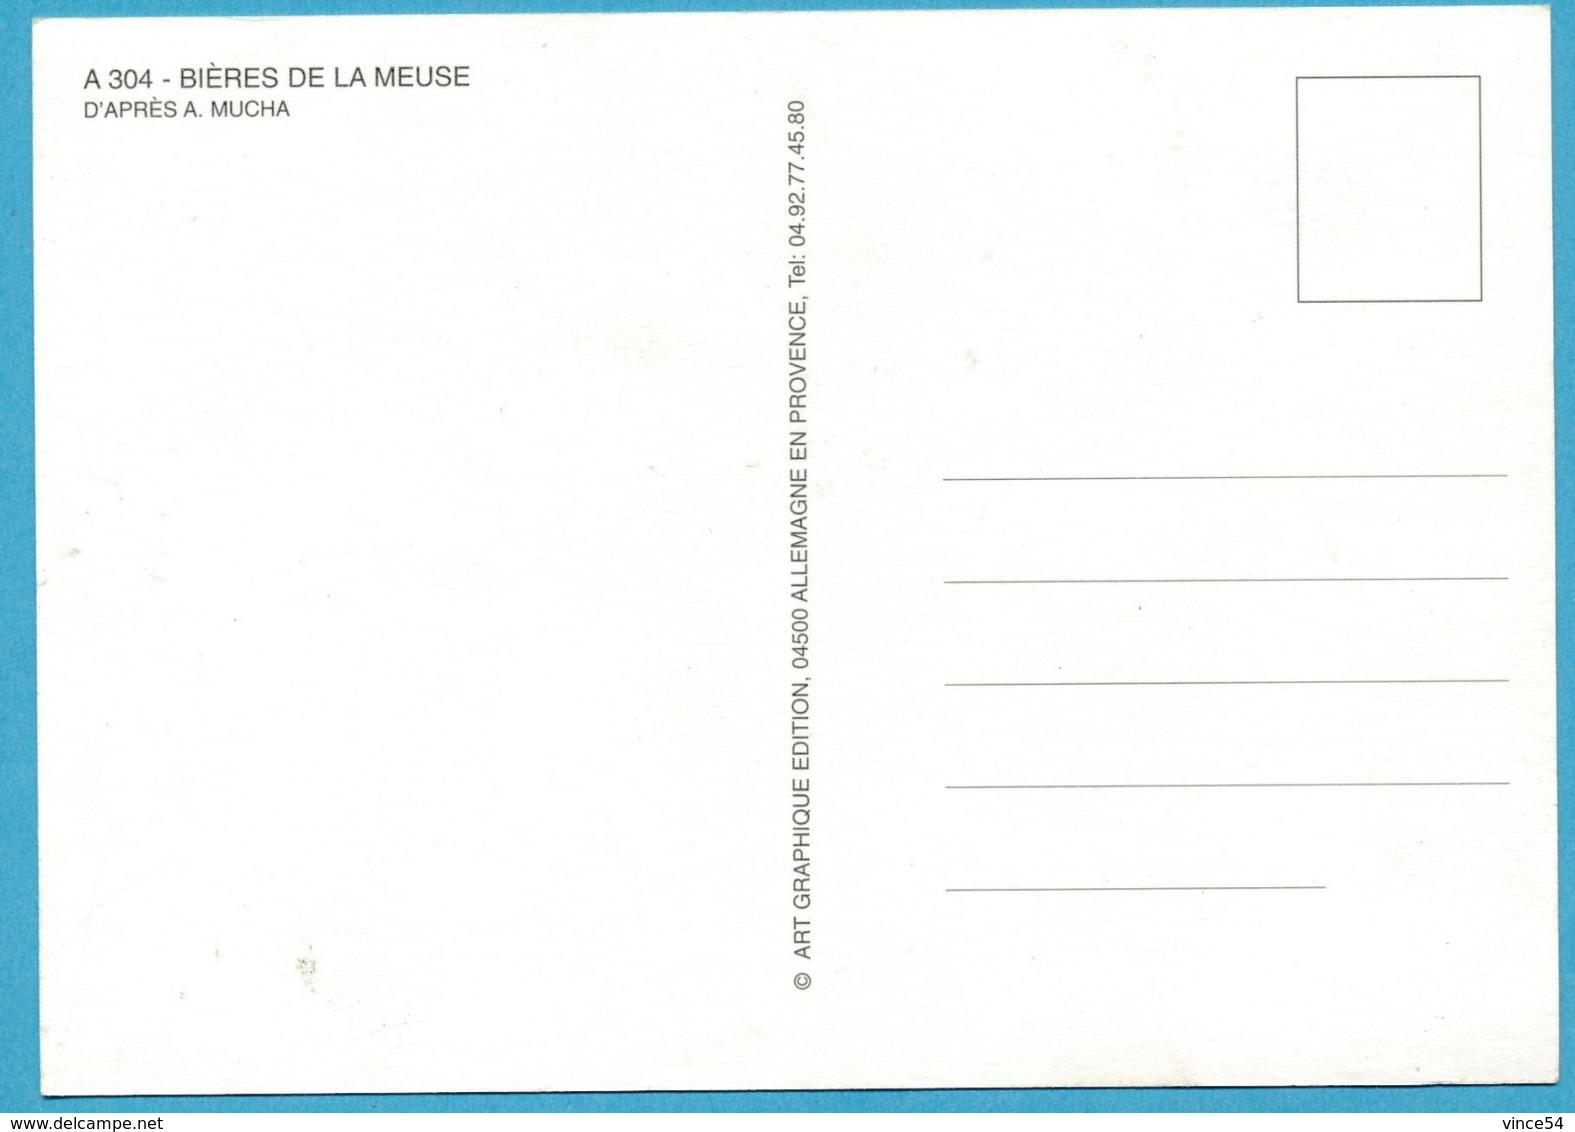 BIERES DE LA MEUSE Repro Ancienne Affiche D'après A. MUCHA - Publicité